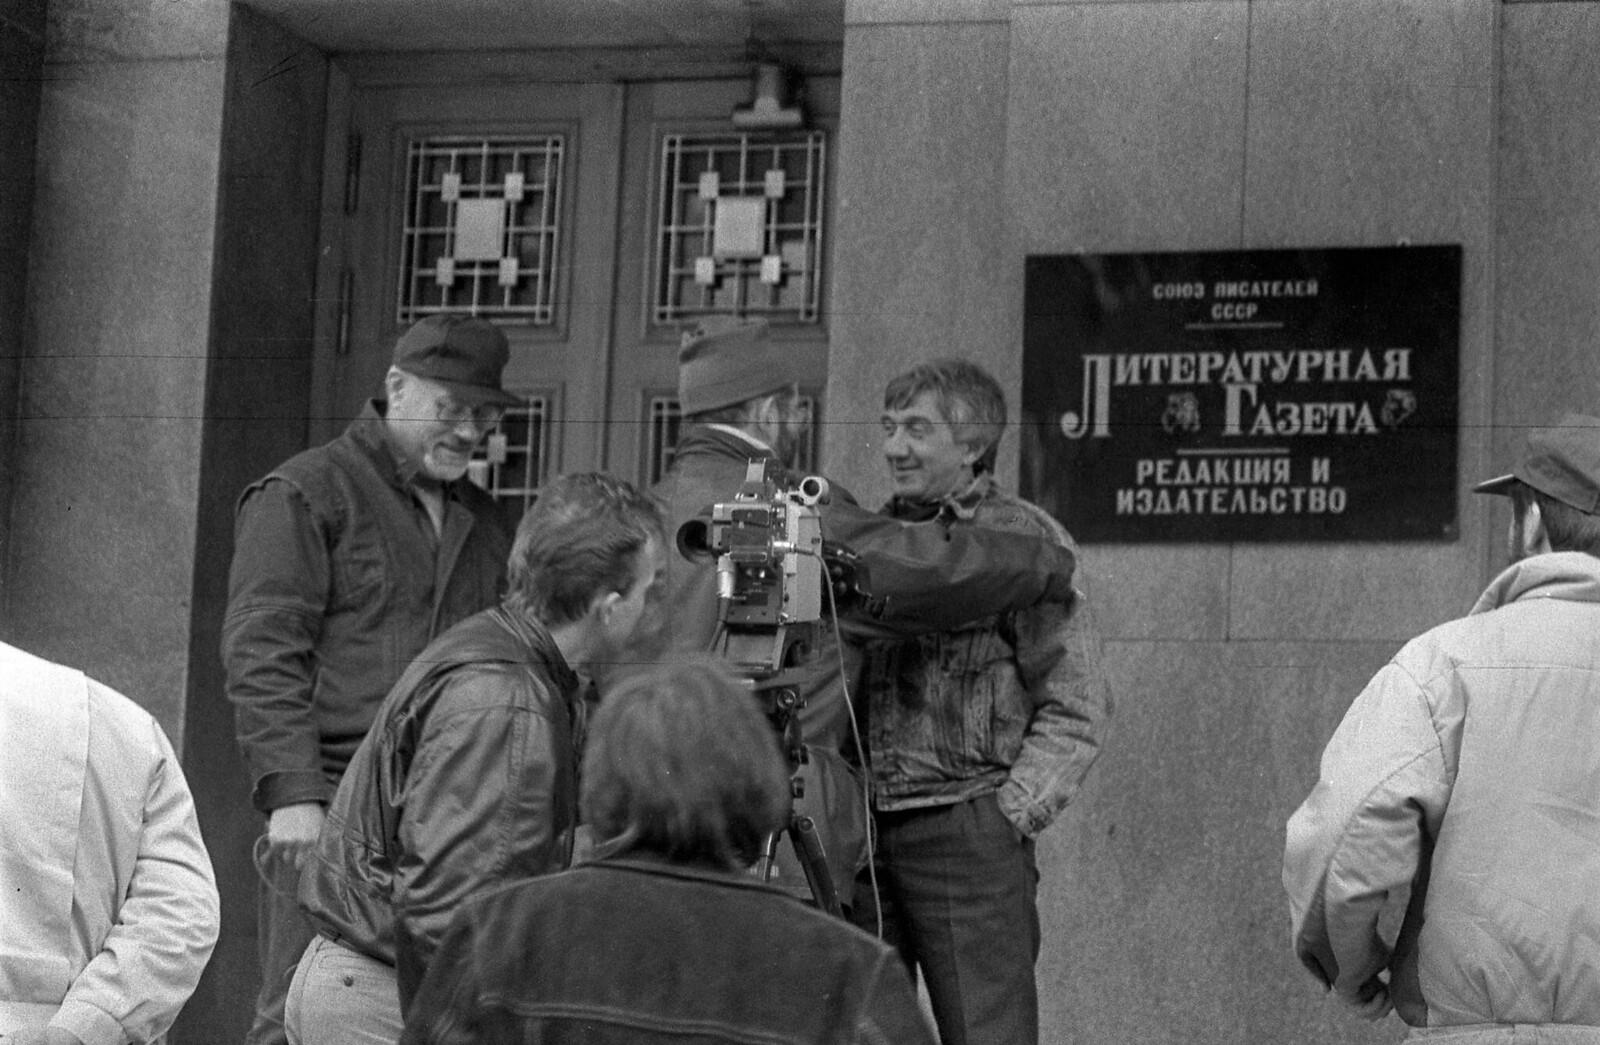 1989. Интервью Юрия Щекочихина возле здания редакции «Литературные газеты»